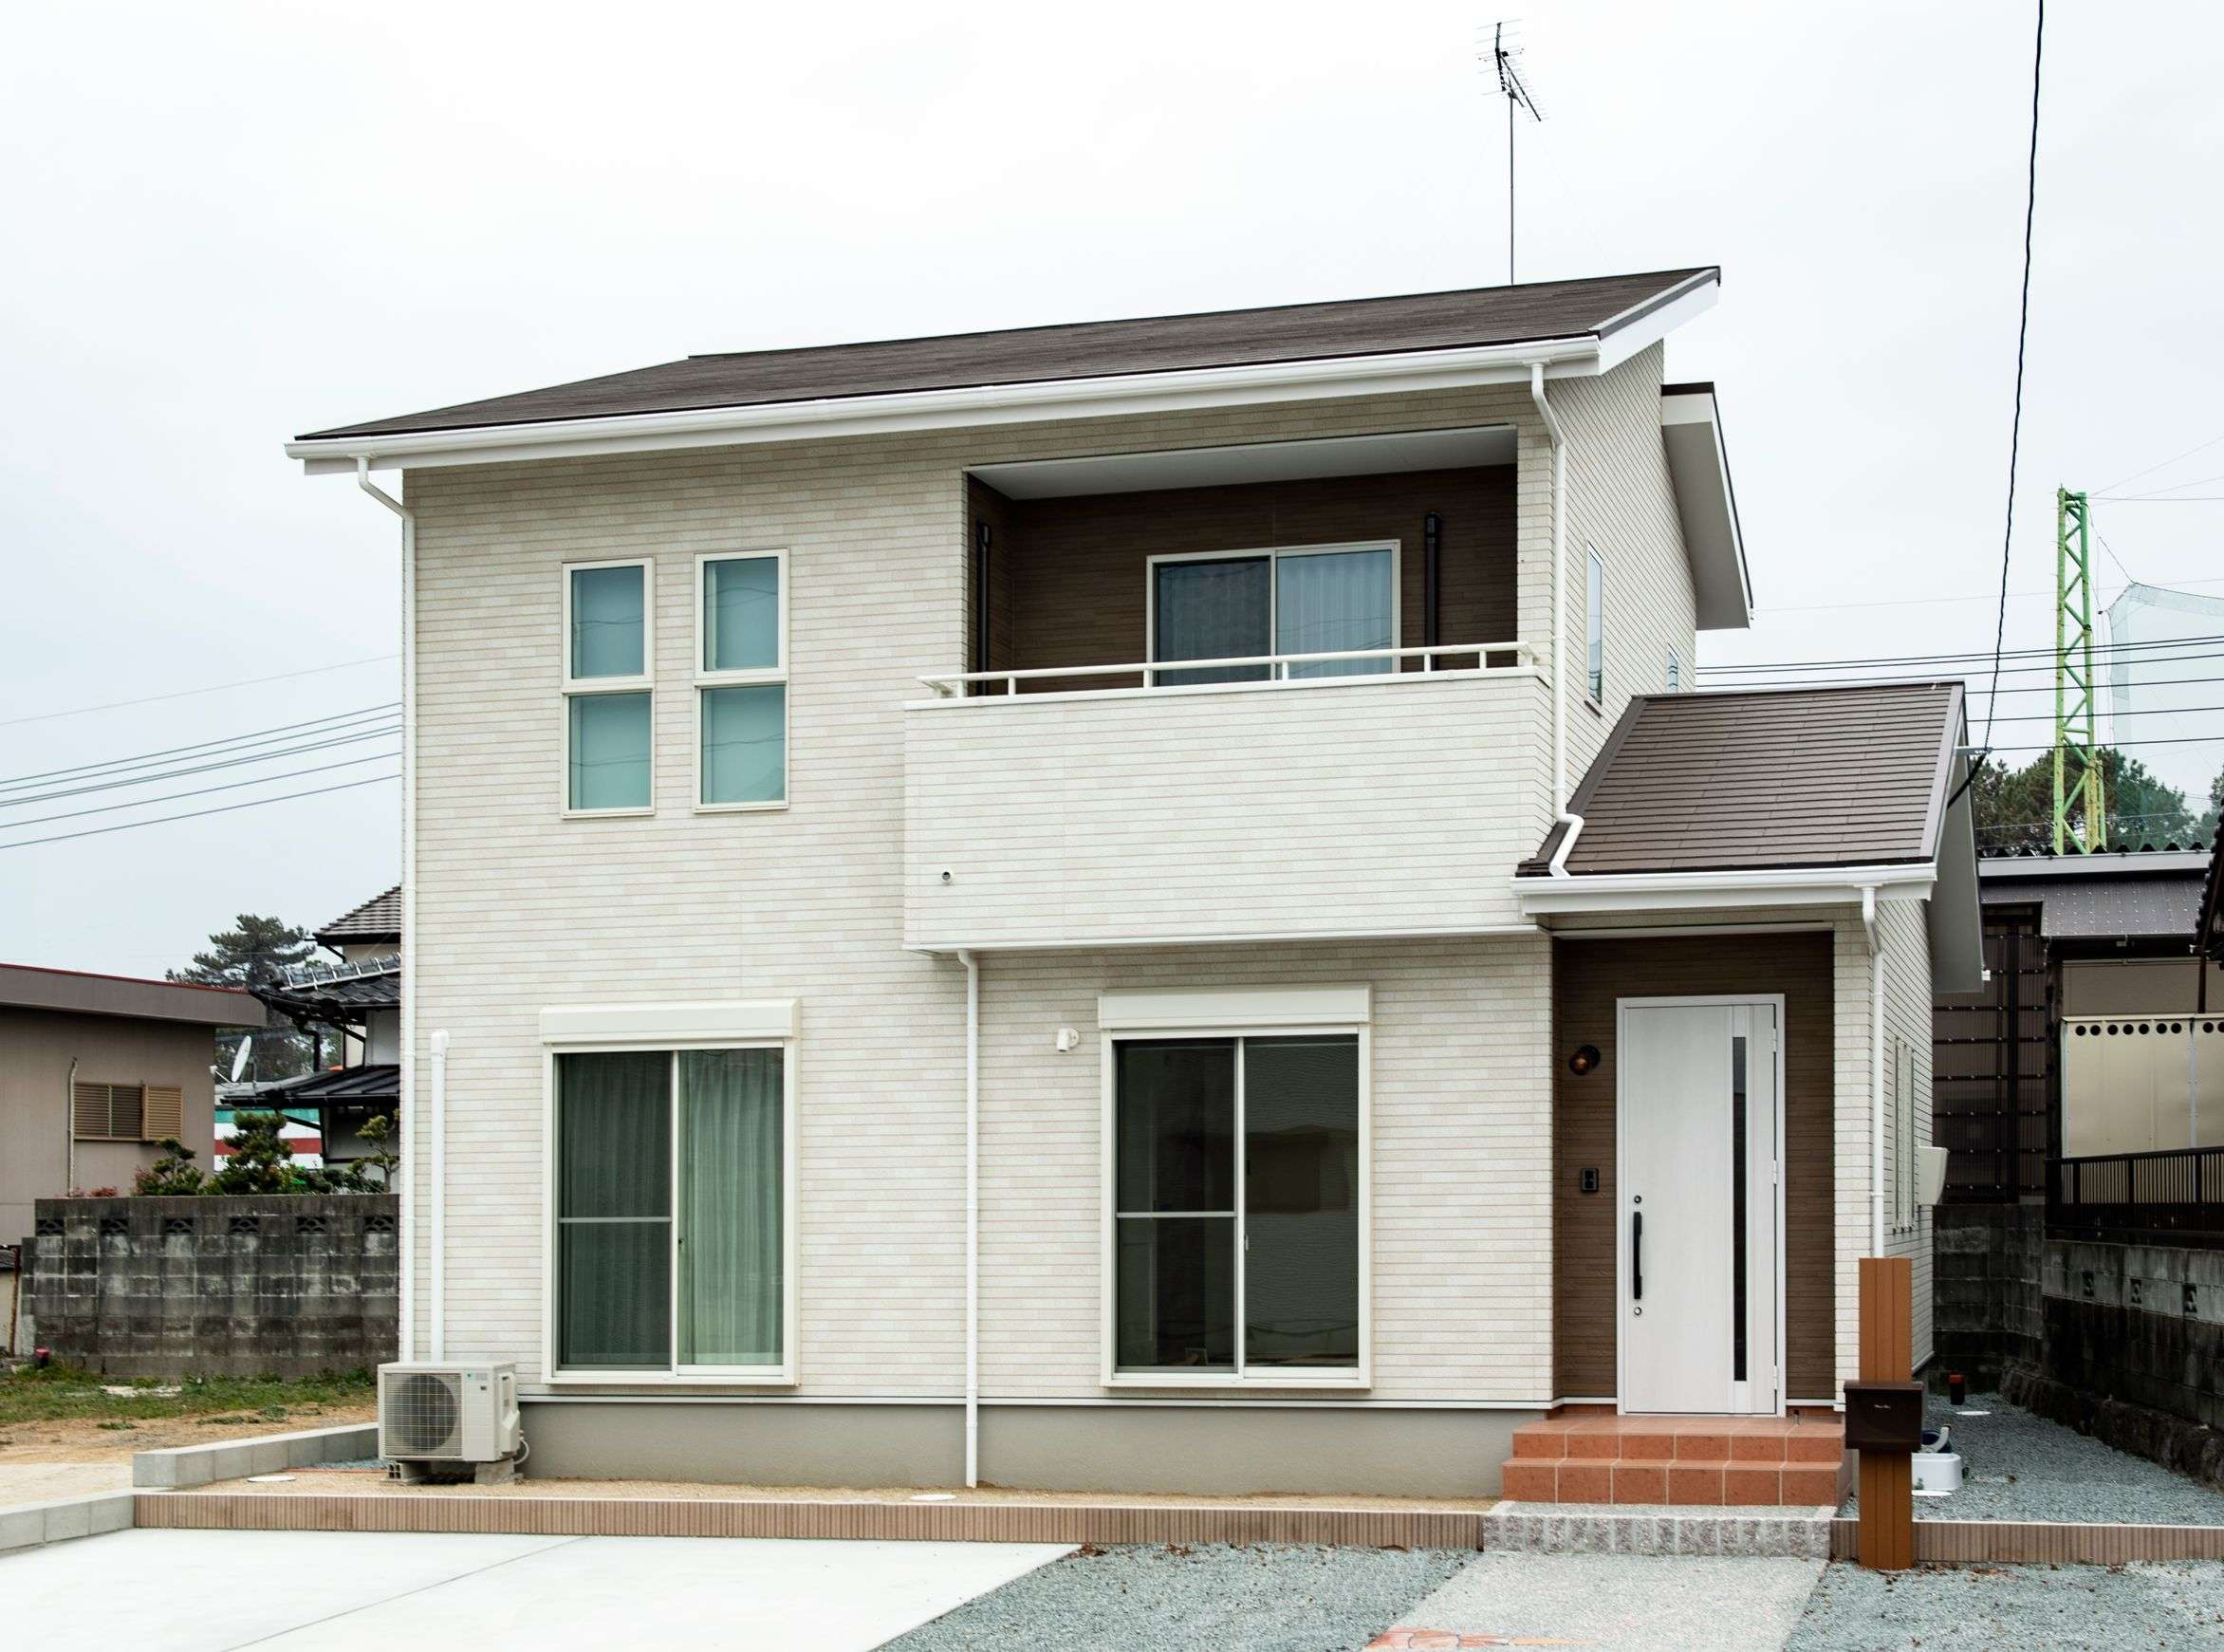 image 熊本県荒尾市東屋形にて収納力抜群!モデルハウス見学できます👀